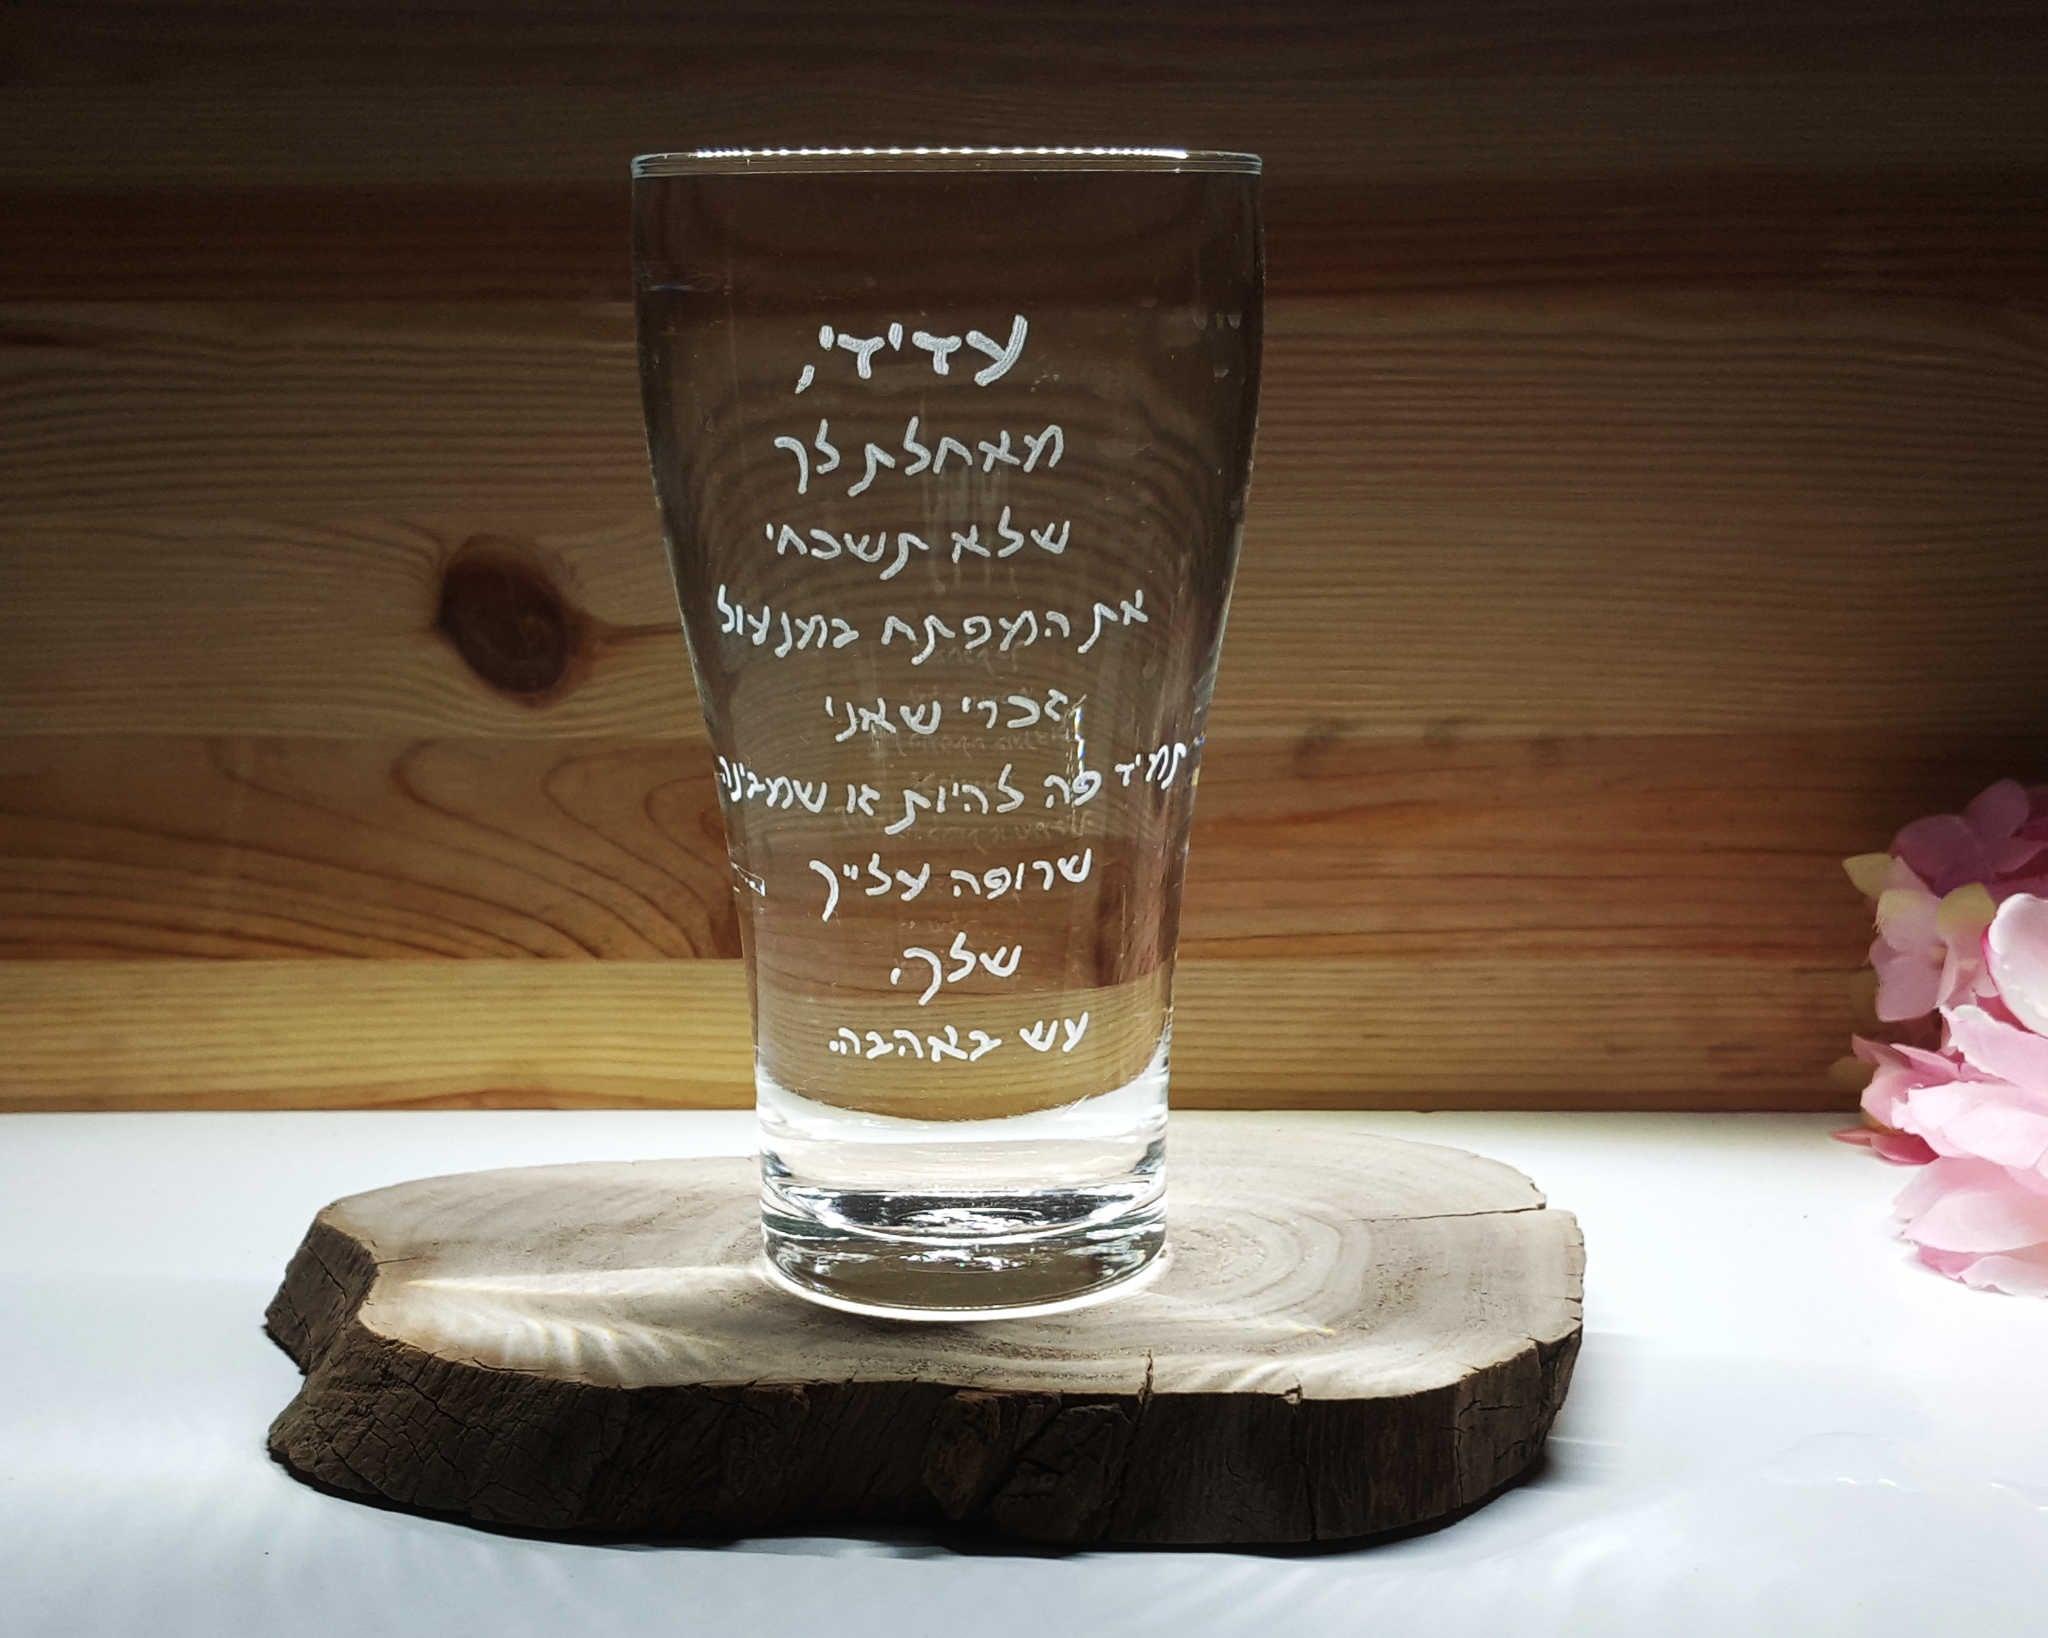 ברכה אישית על הבירה הכי מרגשת